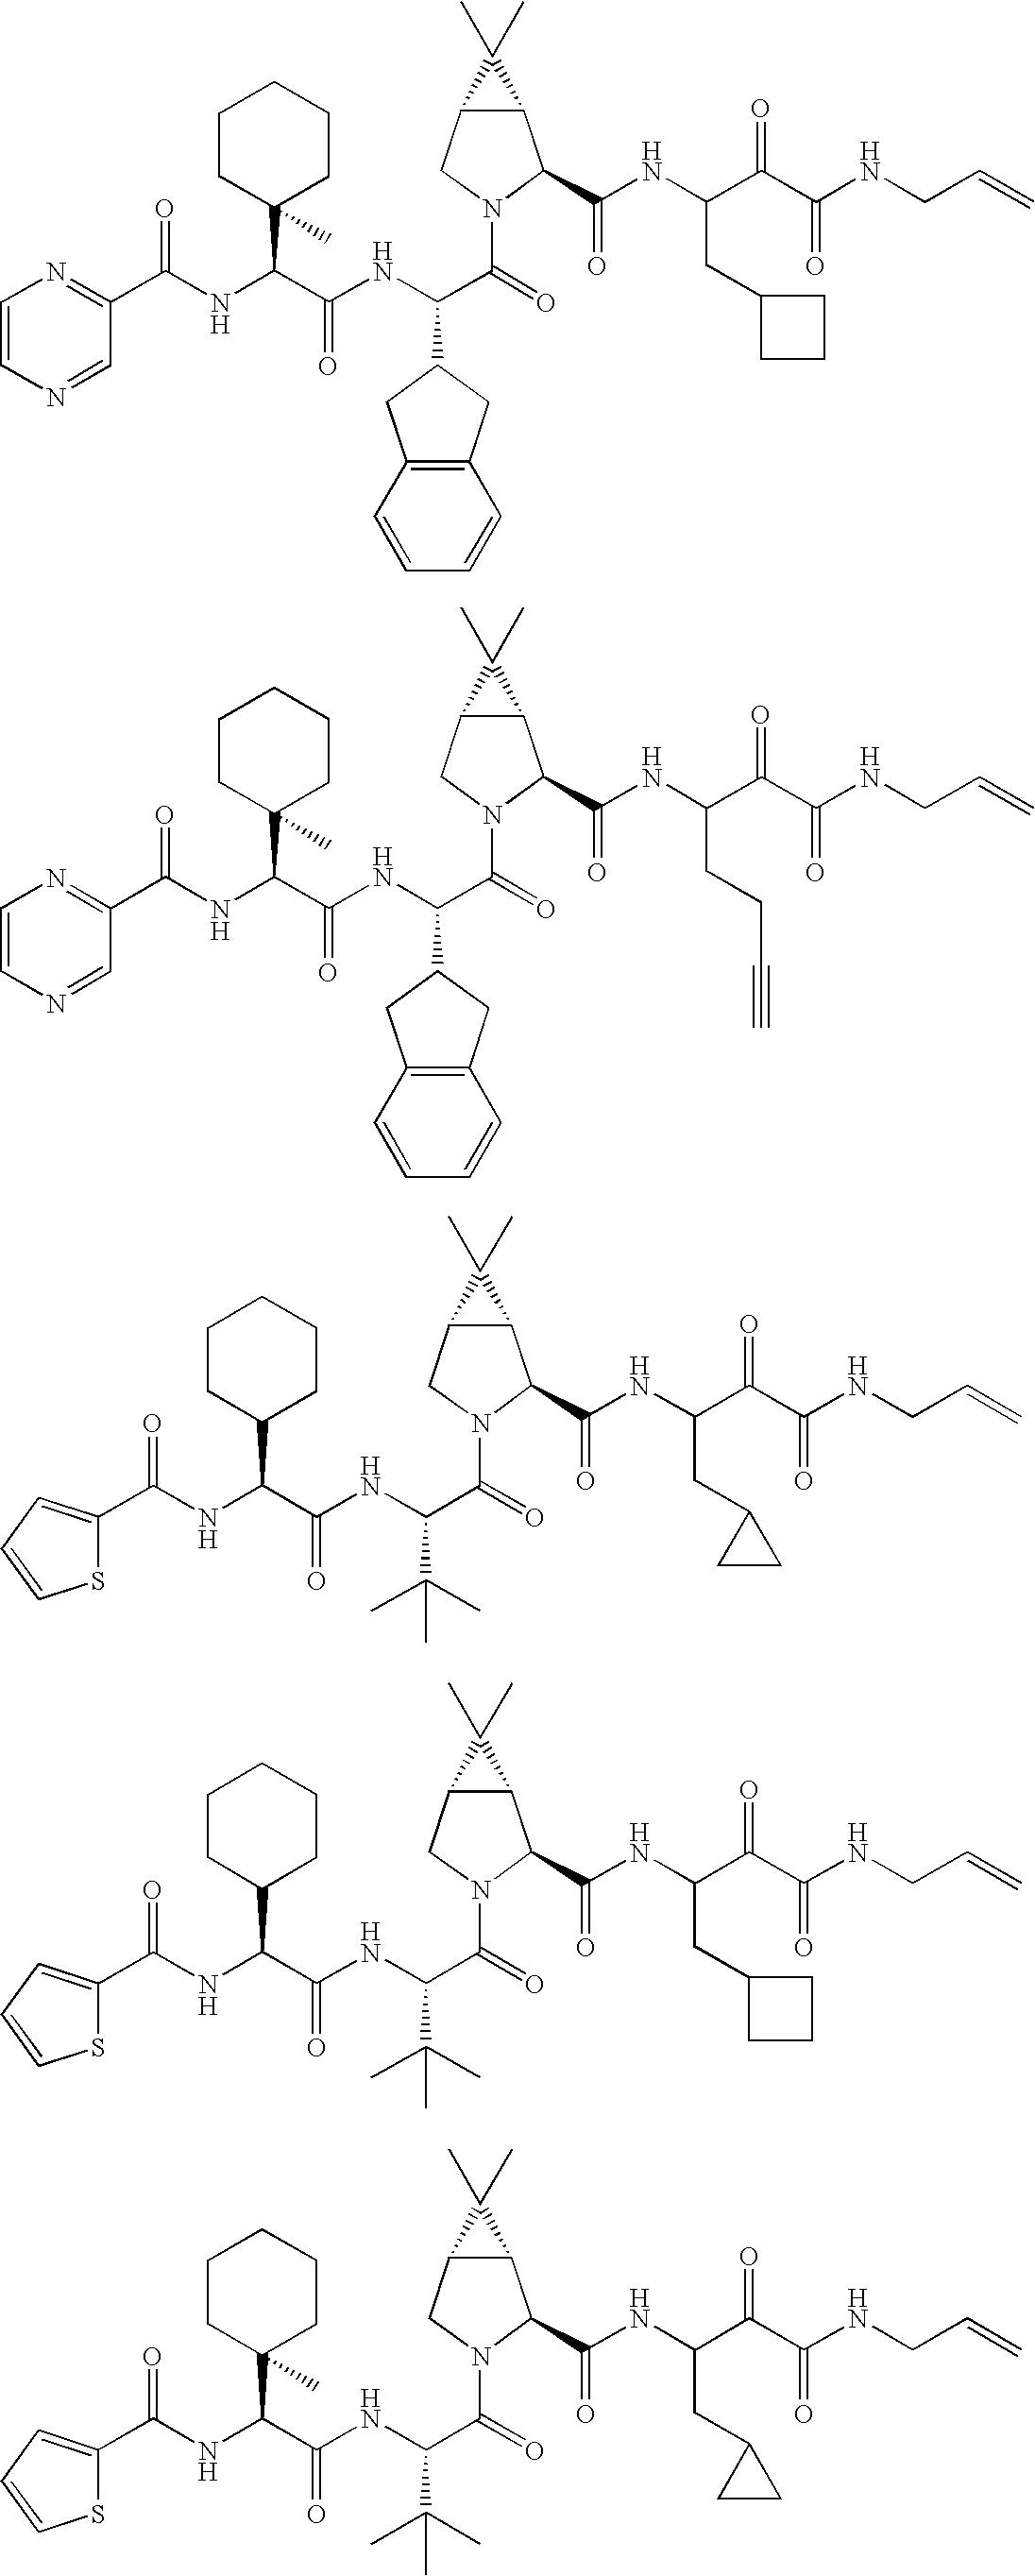 Figure US20060287248A1-20061221-C00486